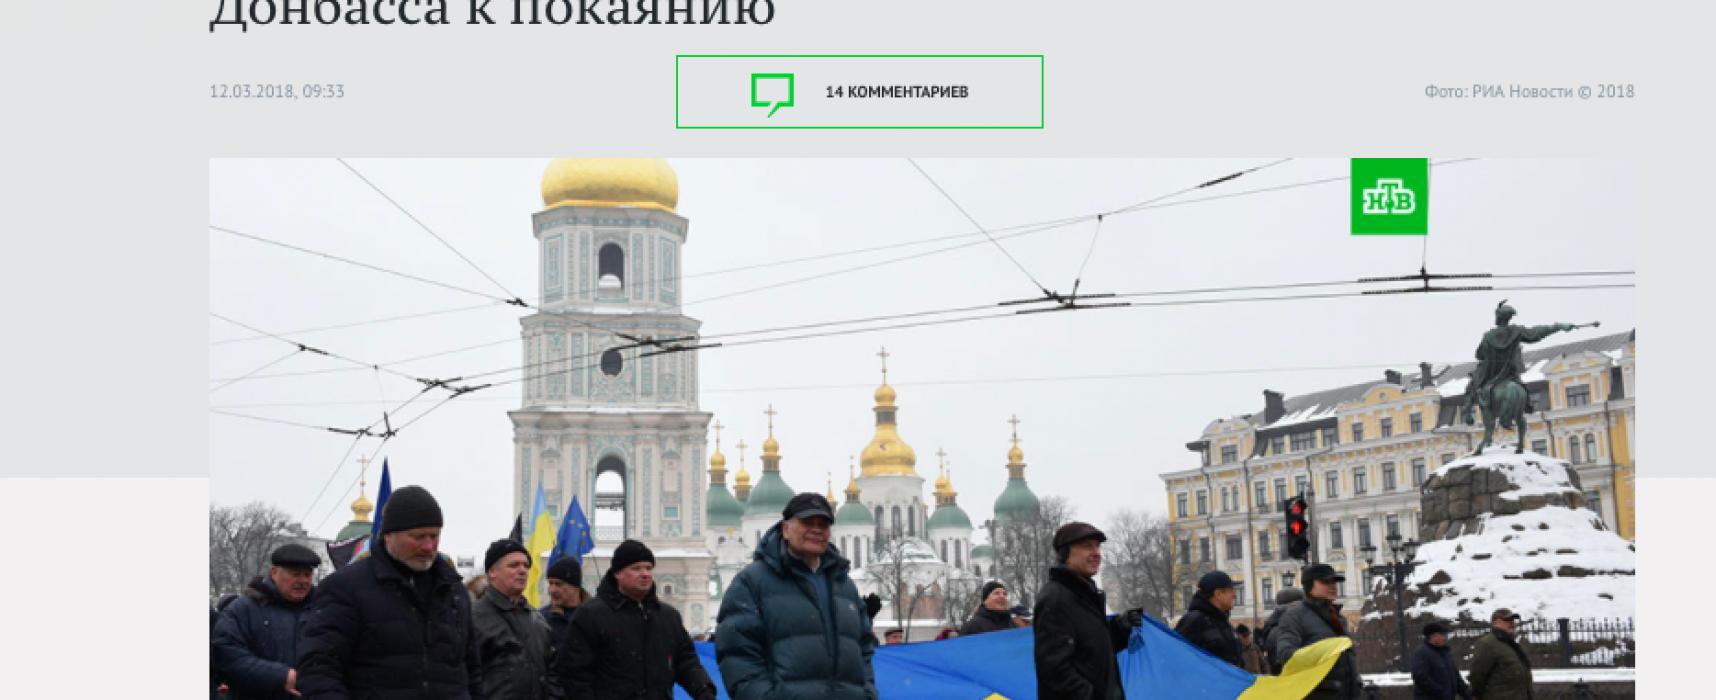 Фейк: в Украине будут принуждать жителей Крыма и Донбасса к покаянию